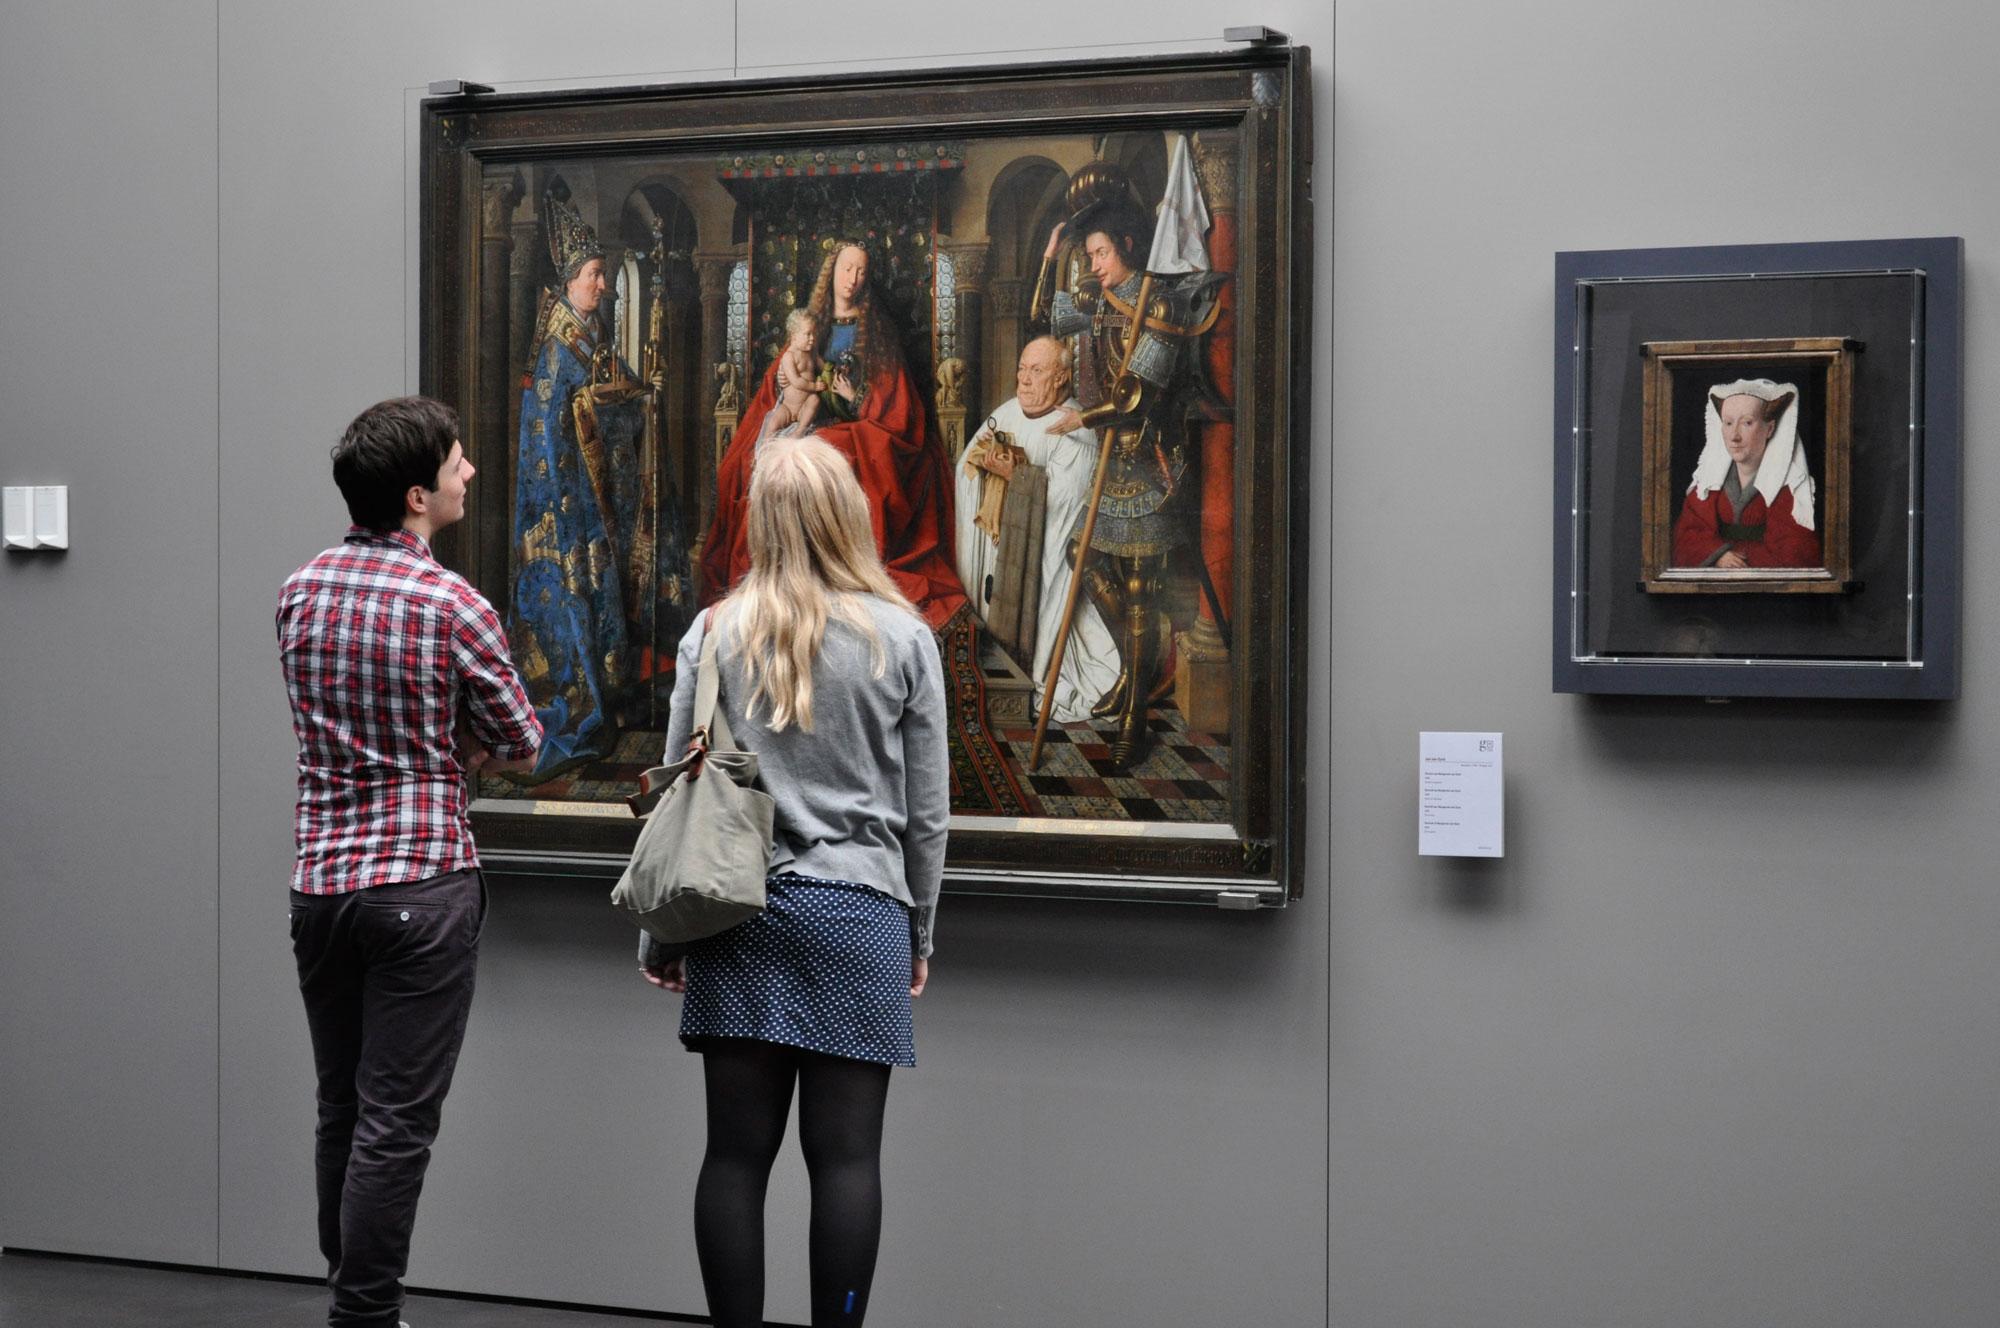 Le opere di Van Eyck al Groeninge Museum. Ph. Credit Sarah Bauwens